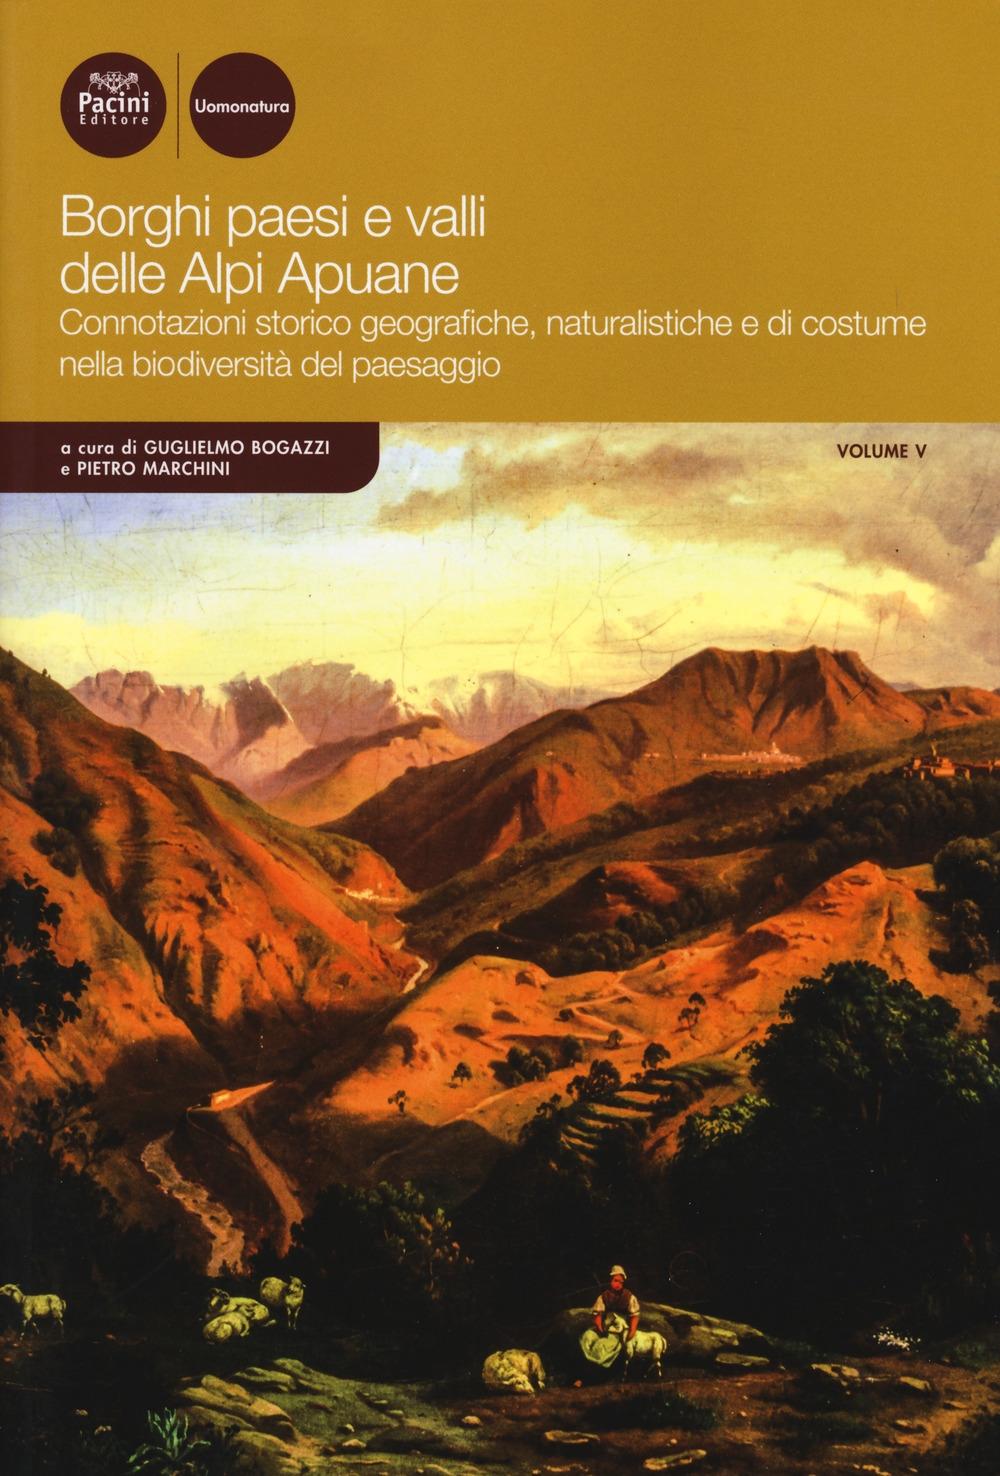 Borghi paesi e vallidelle Alpi Apuane. Connotazioni storico geografiche, naturalistichee di costume nella biodiversità del paesaggio. Vol. 5